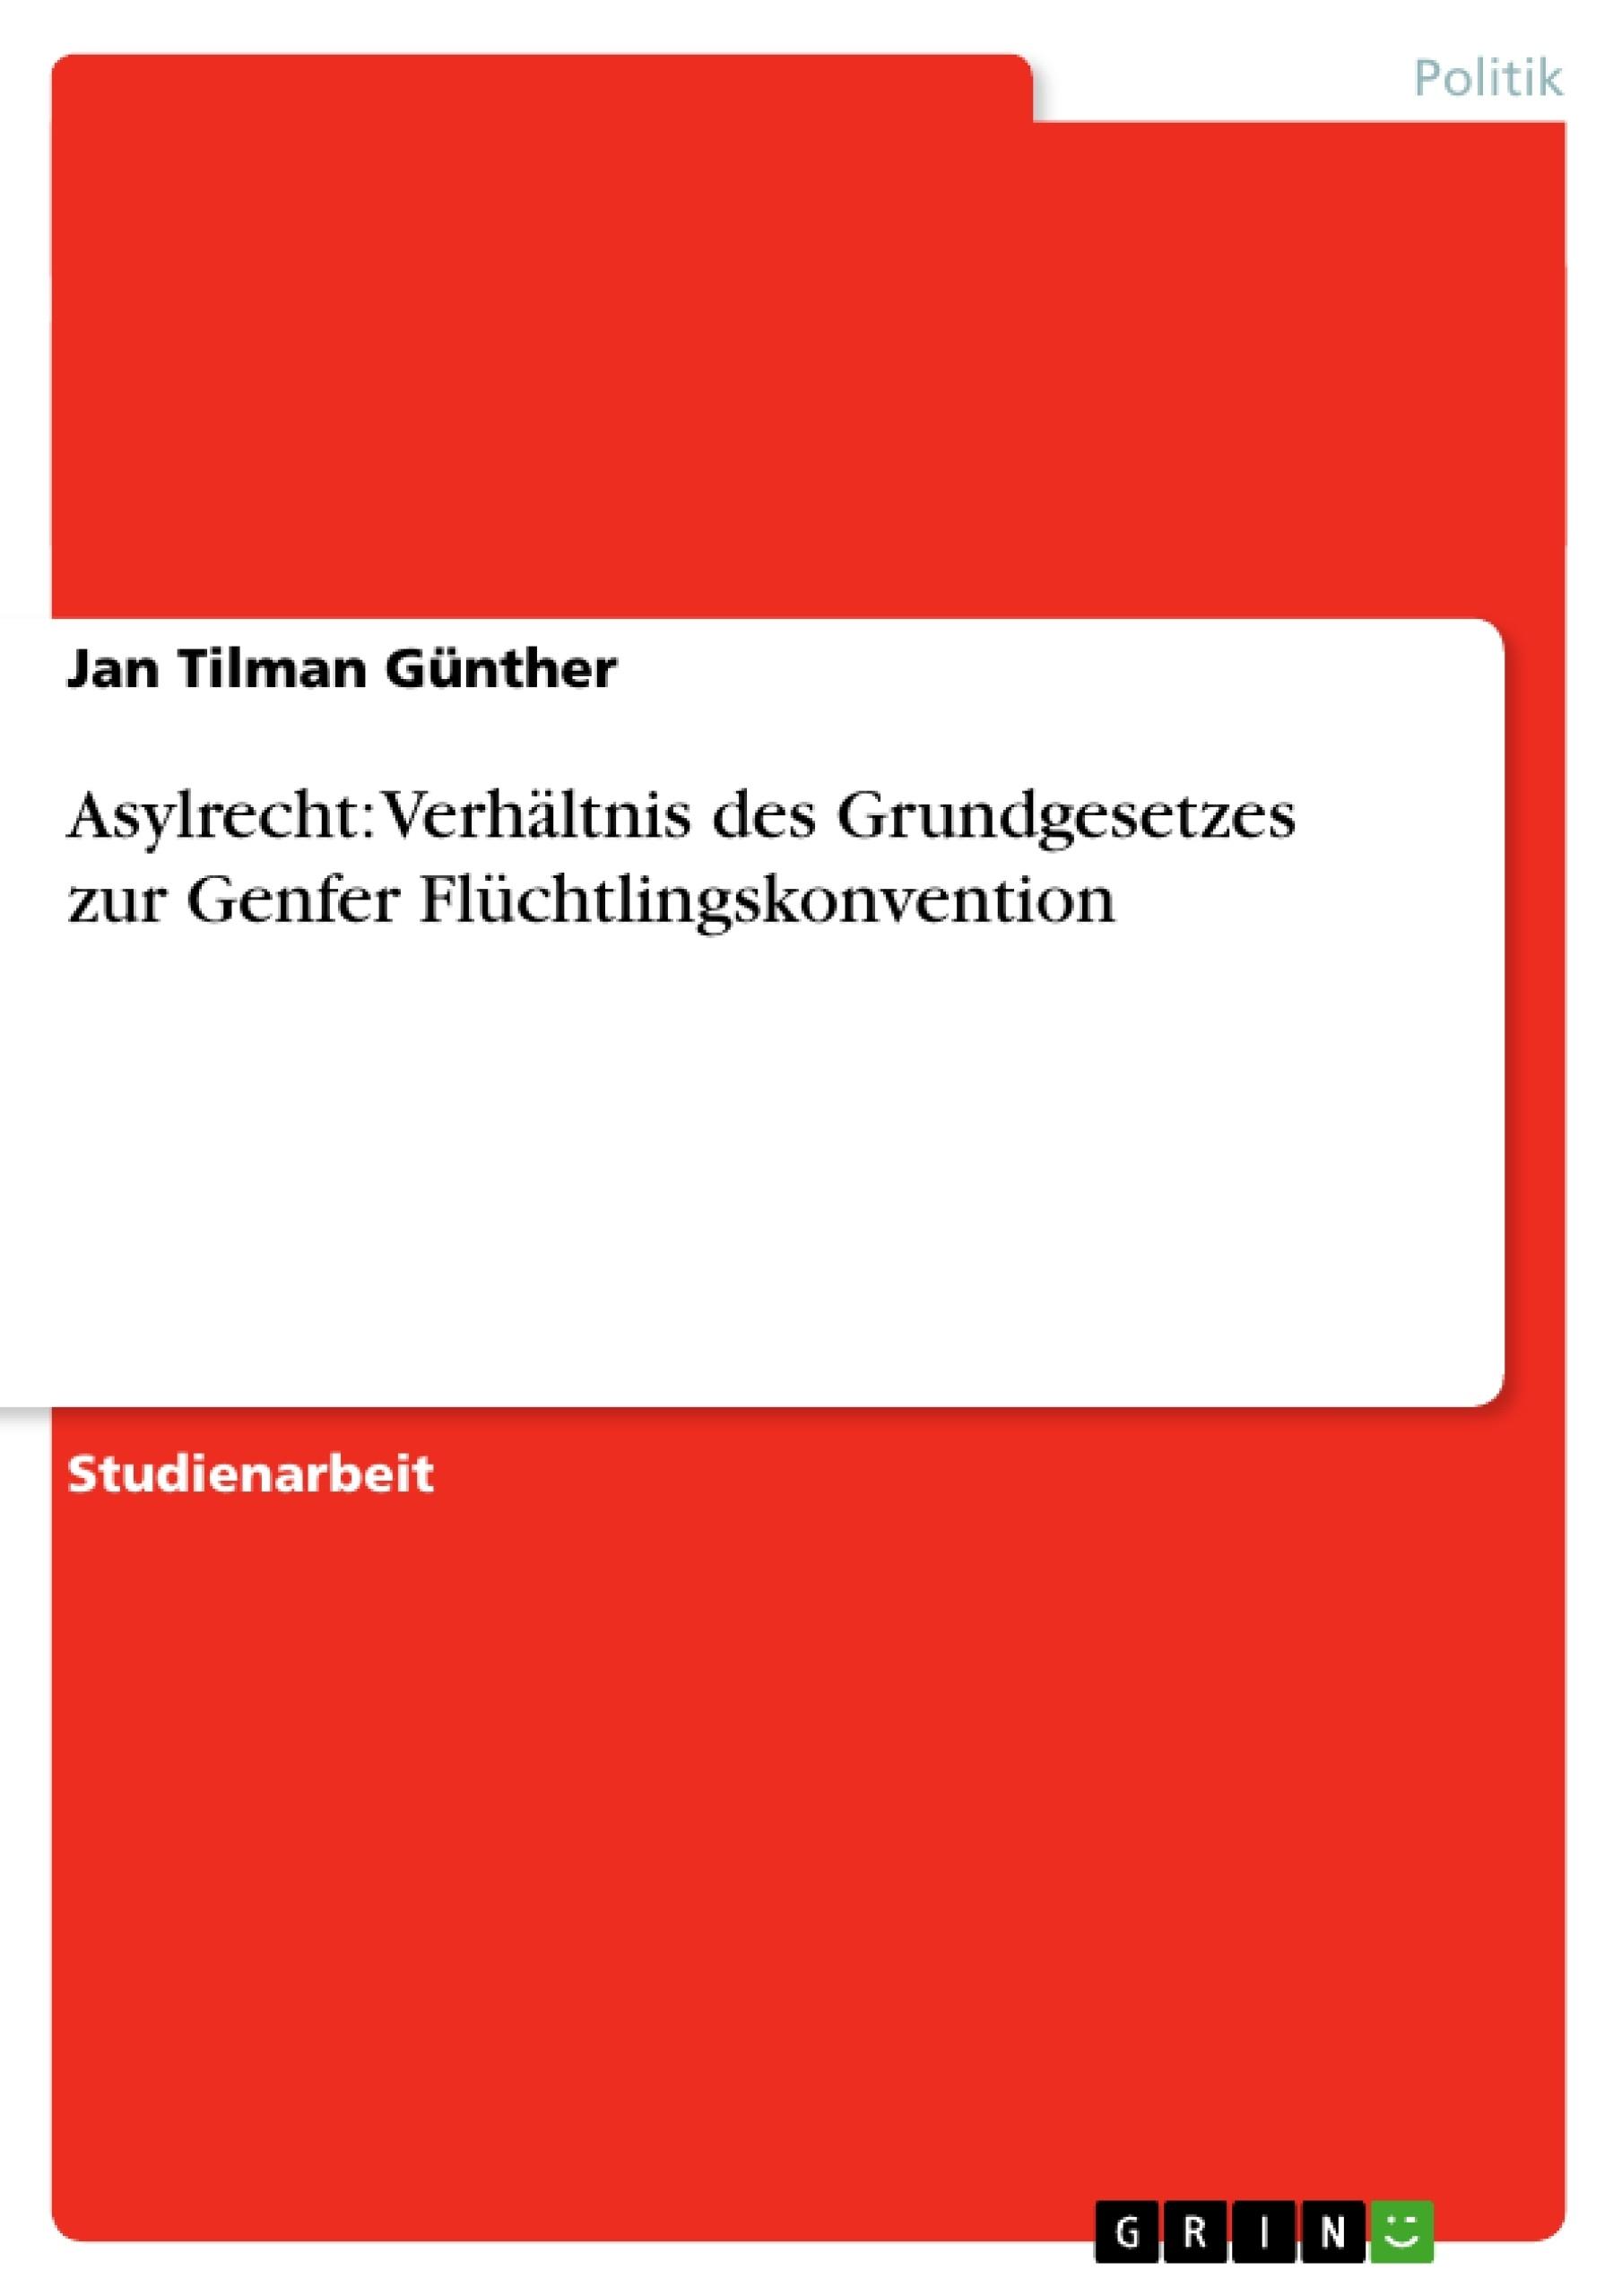 Titel: Asylrecht: Verhältnis des Grundgesetzes zur Genfer Flüchtlingskonvention